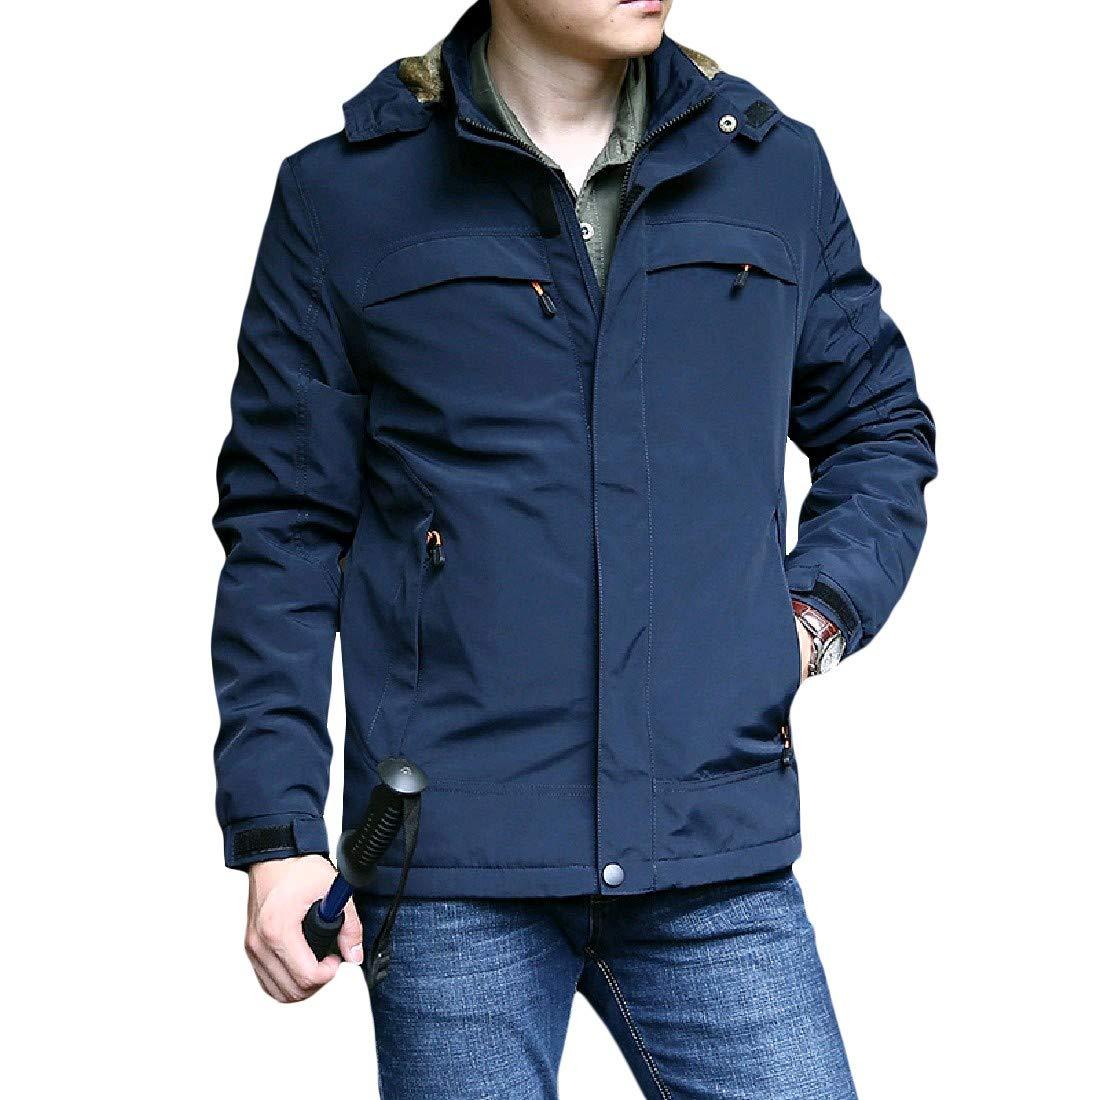 Zimaes-Men Waterproof Windproof Warm Climber Outdoor Parka Jacket